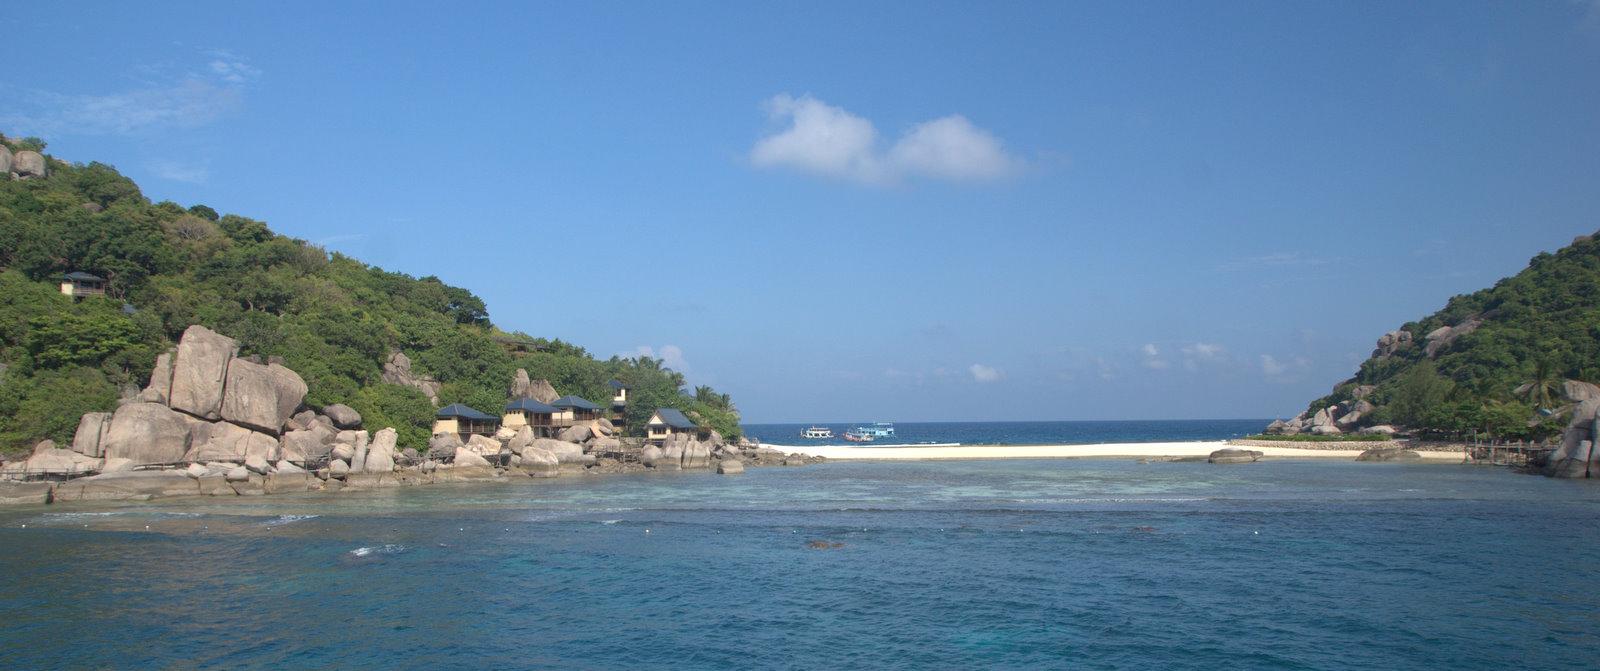 Trzy rajskie wyspy, pierwszy snorkeling i... 5